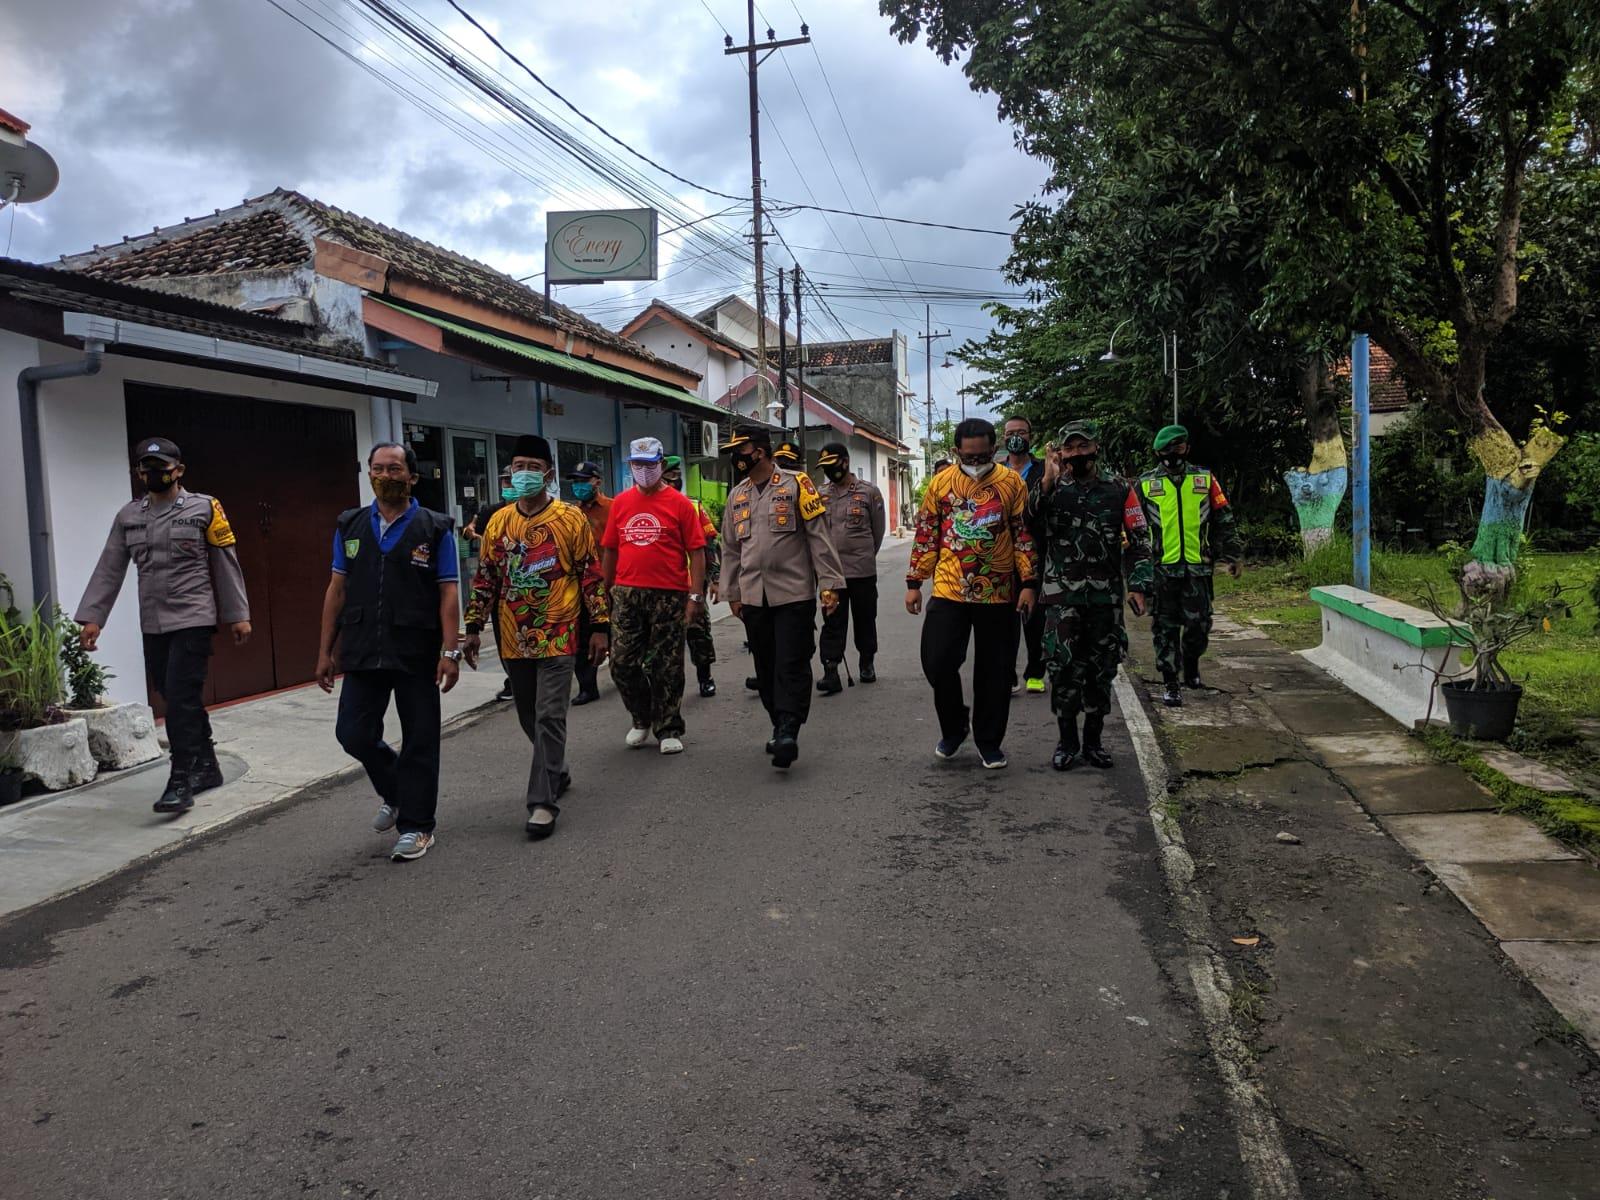 """Kunjungan Bapak Kapolres Madiun bersama DanDim di Kampung Tangguh Semeru """"MERAK INDAH"""" Kelurahan Nambangan Kidul Kecamatan Manguharjo Kota Madiun."""